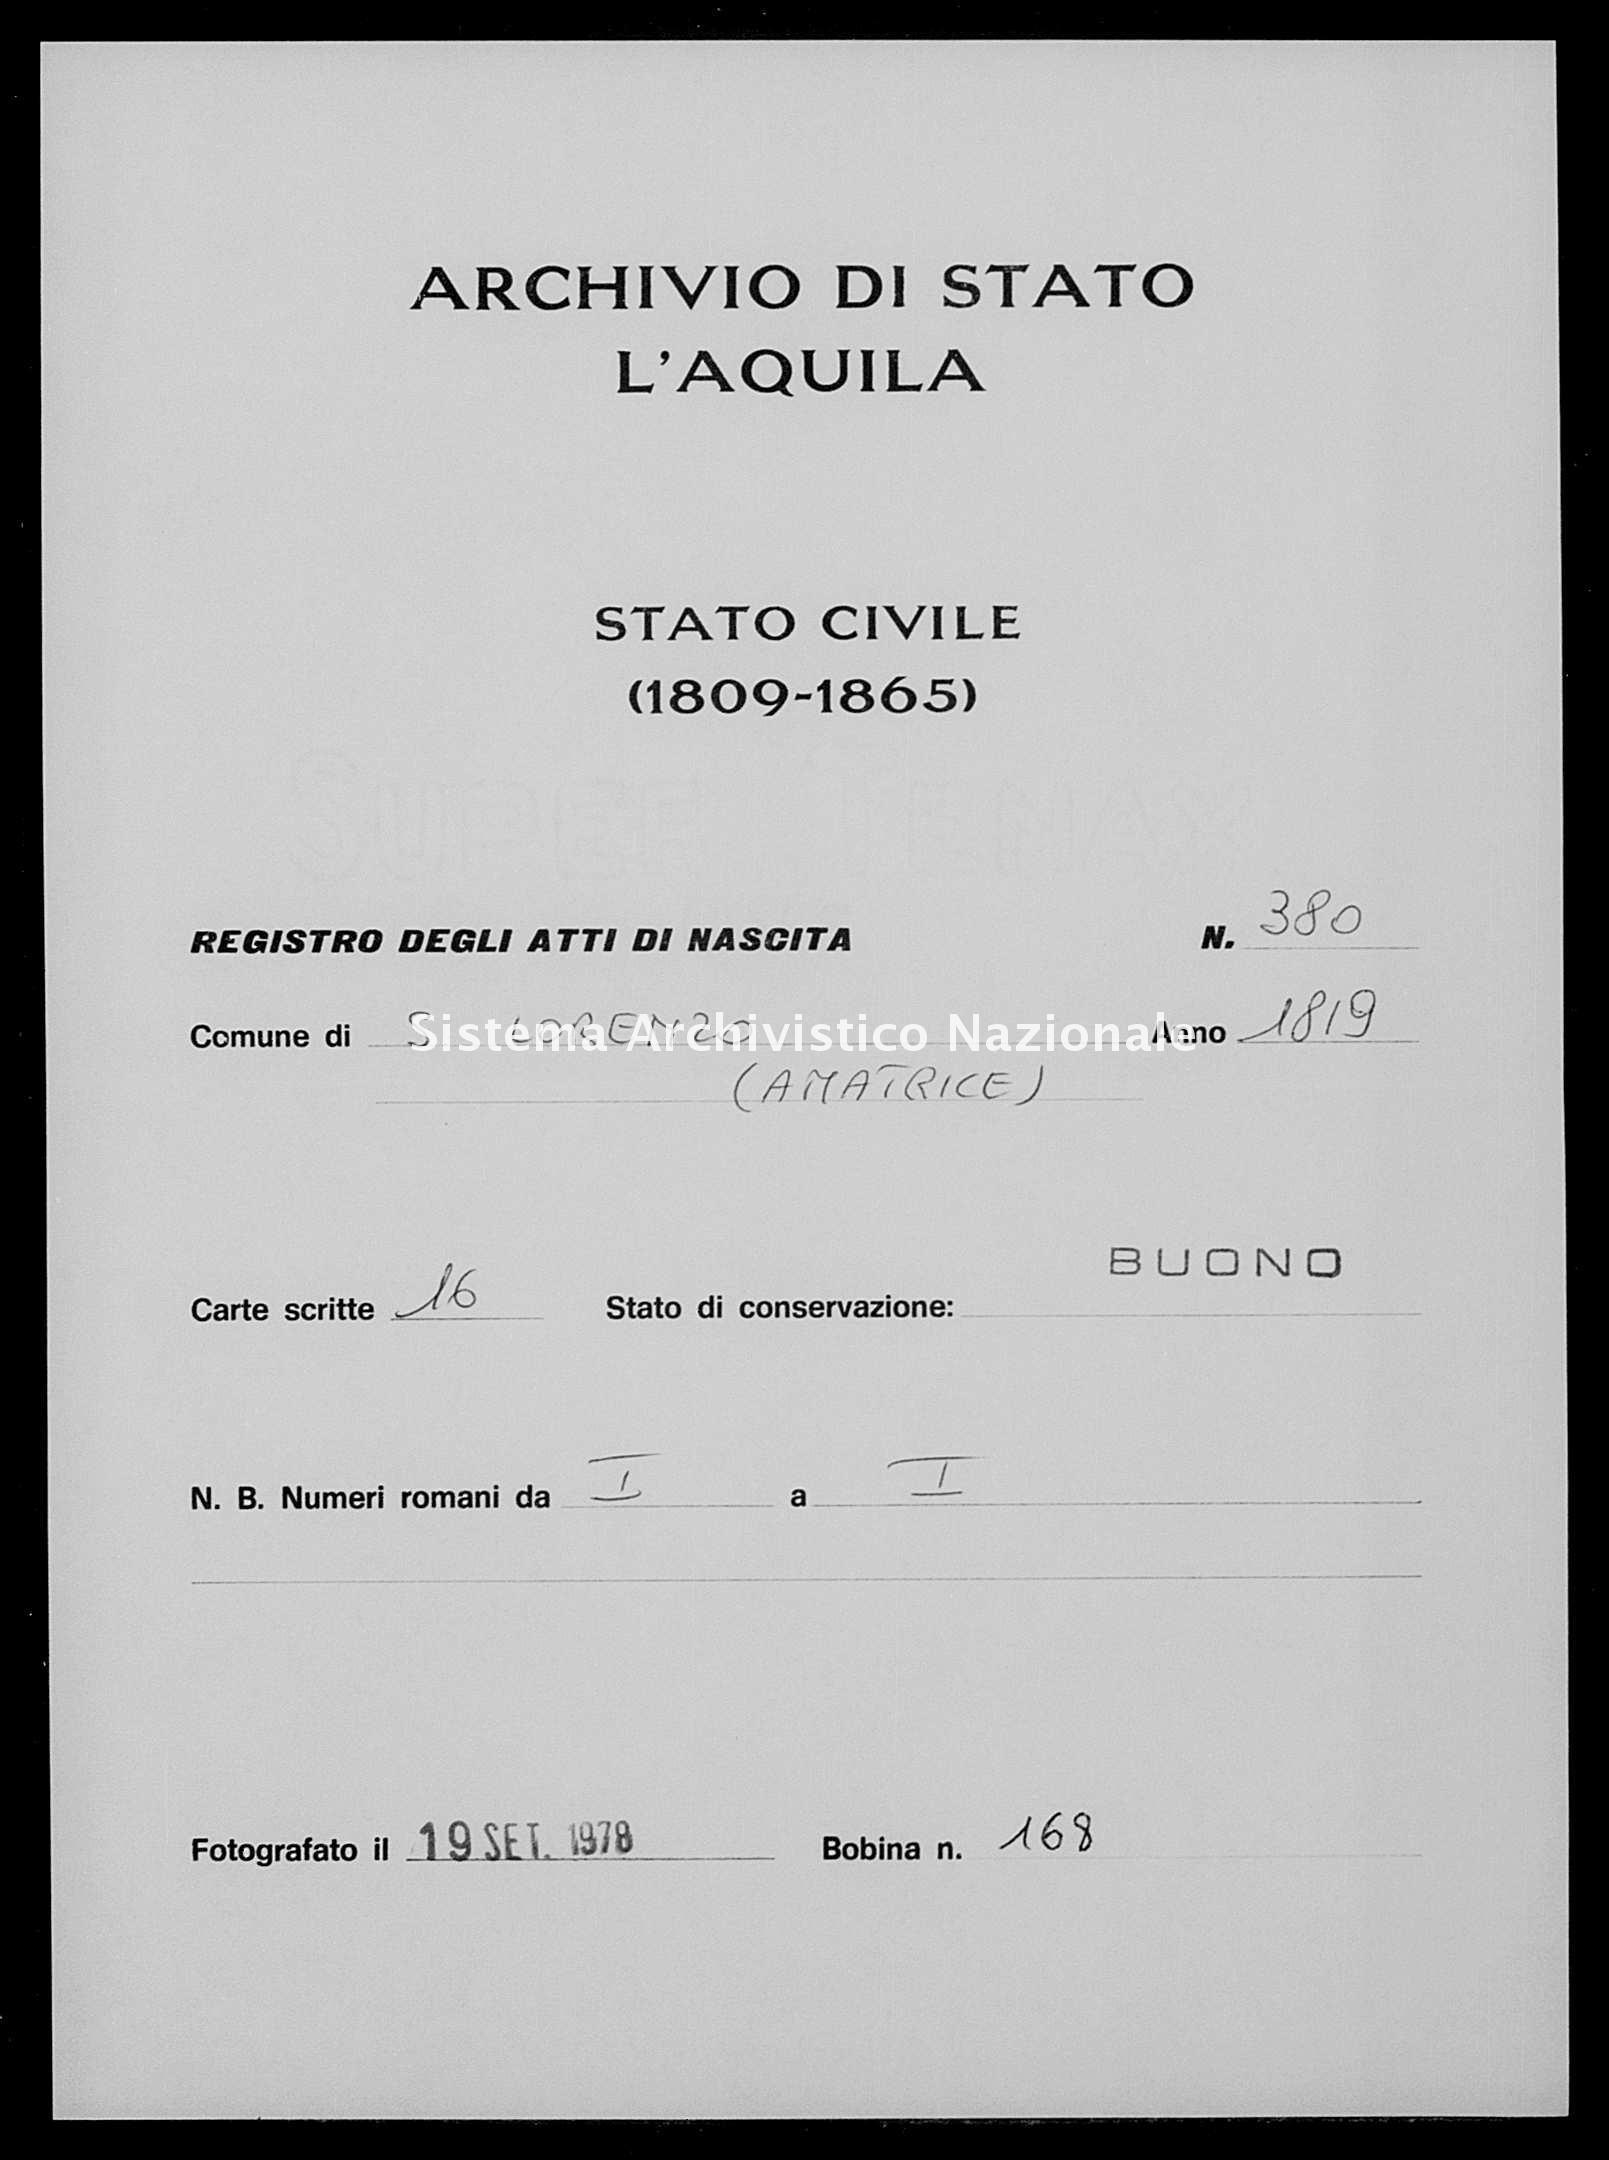 Archivio di stato di L'aquila - Stato civile della restaurazione - San Lorenzo - Nati - 1819 - 380 -